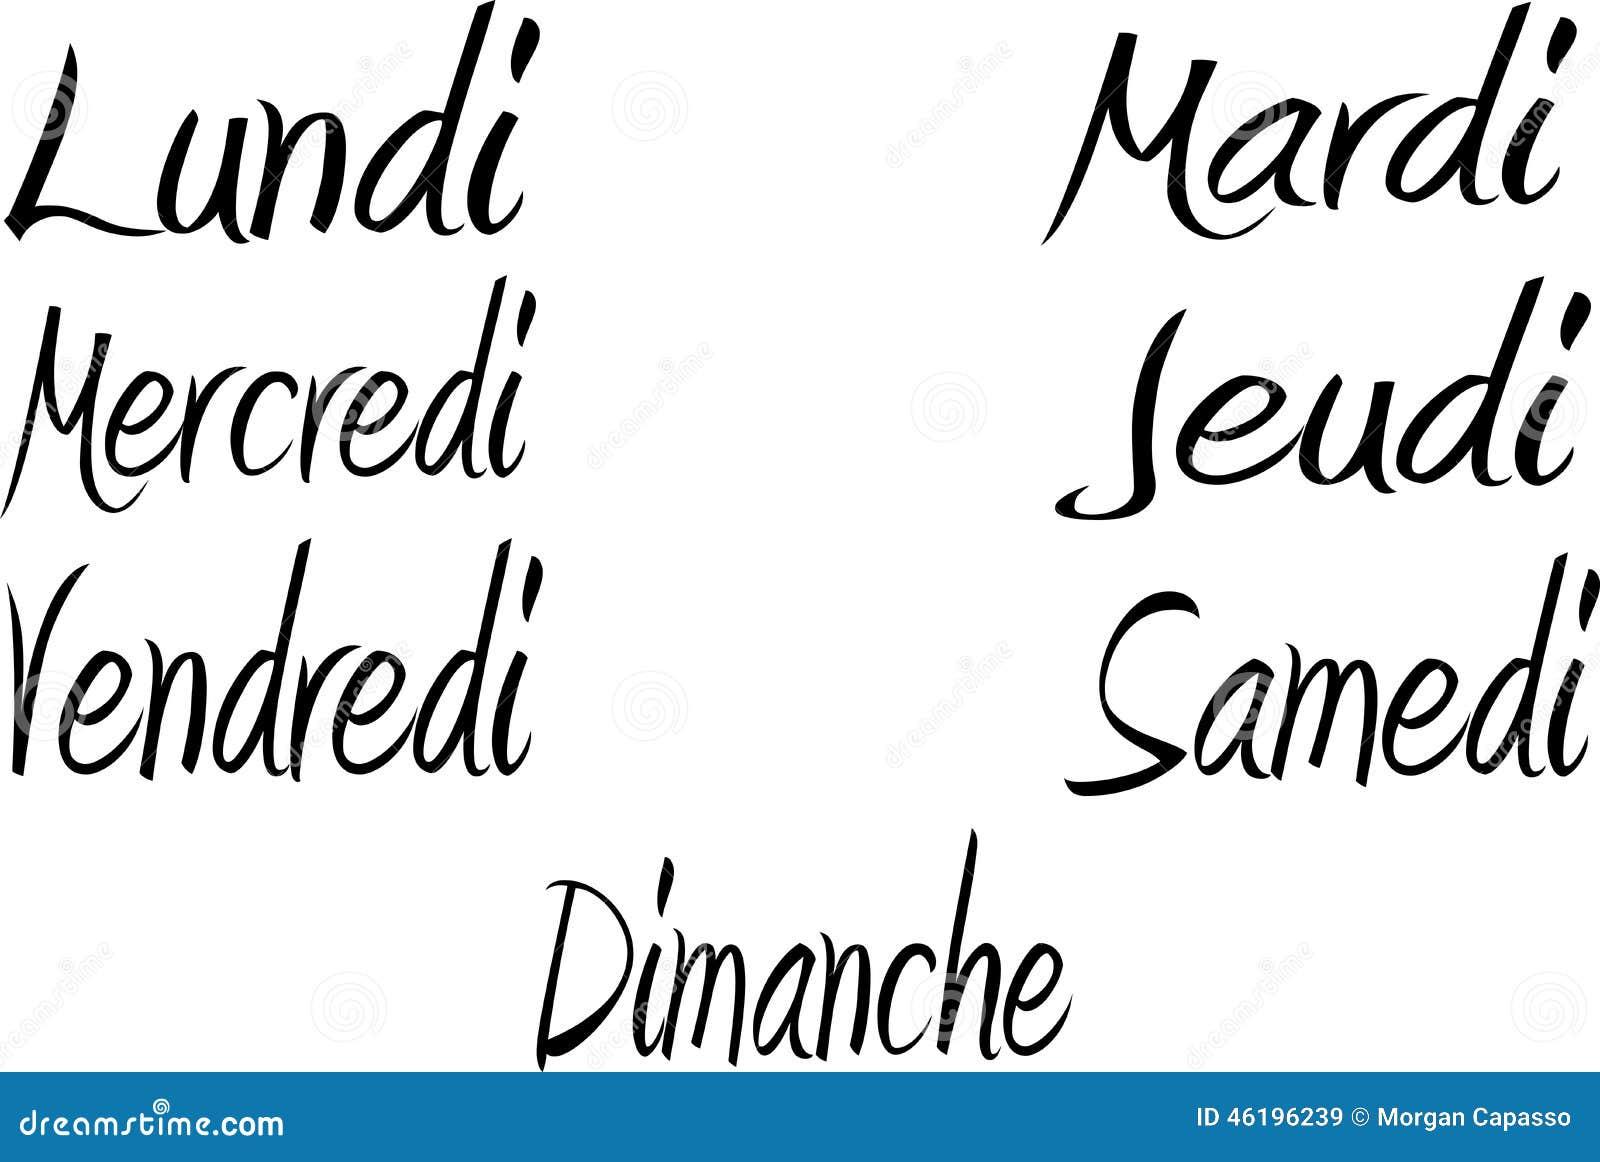 Dagen van de week in het Frans